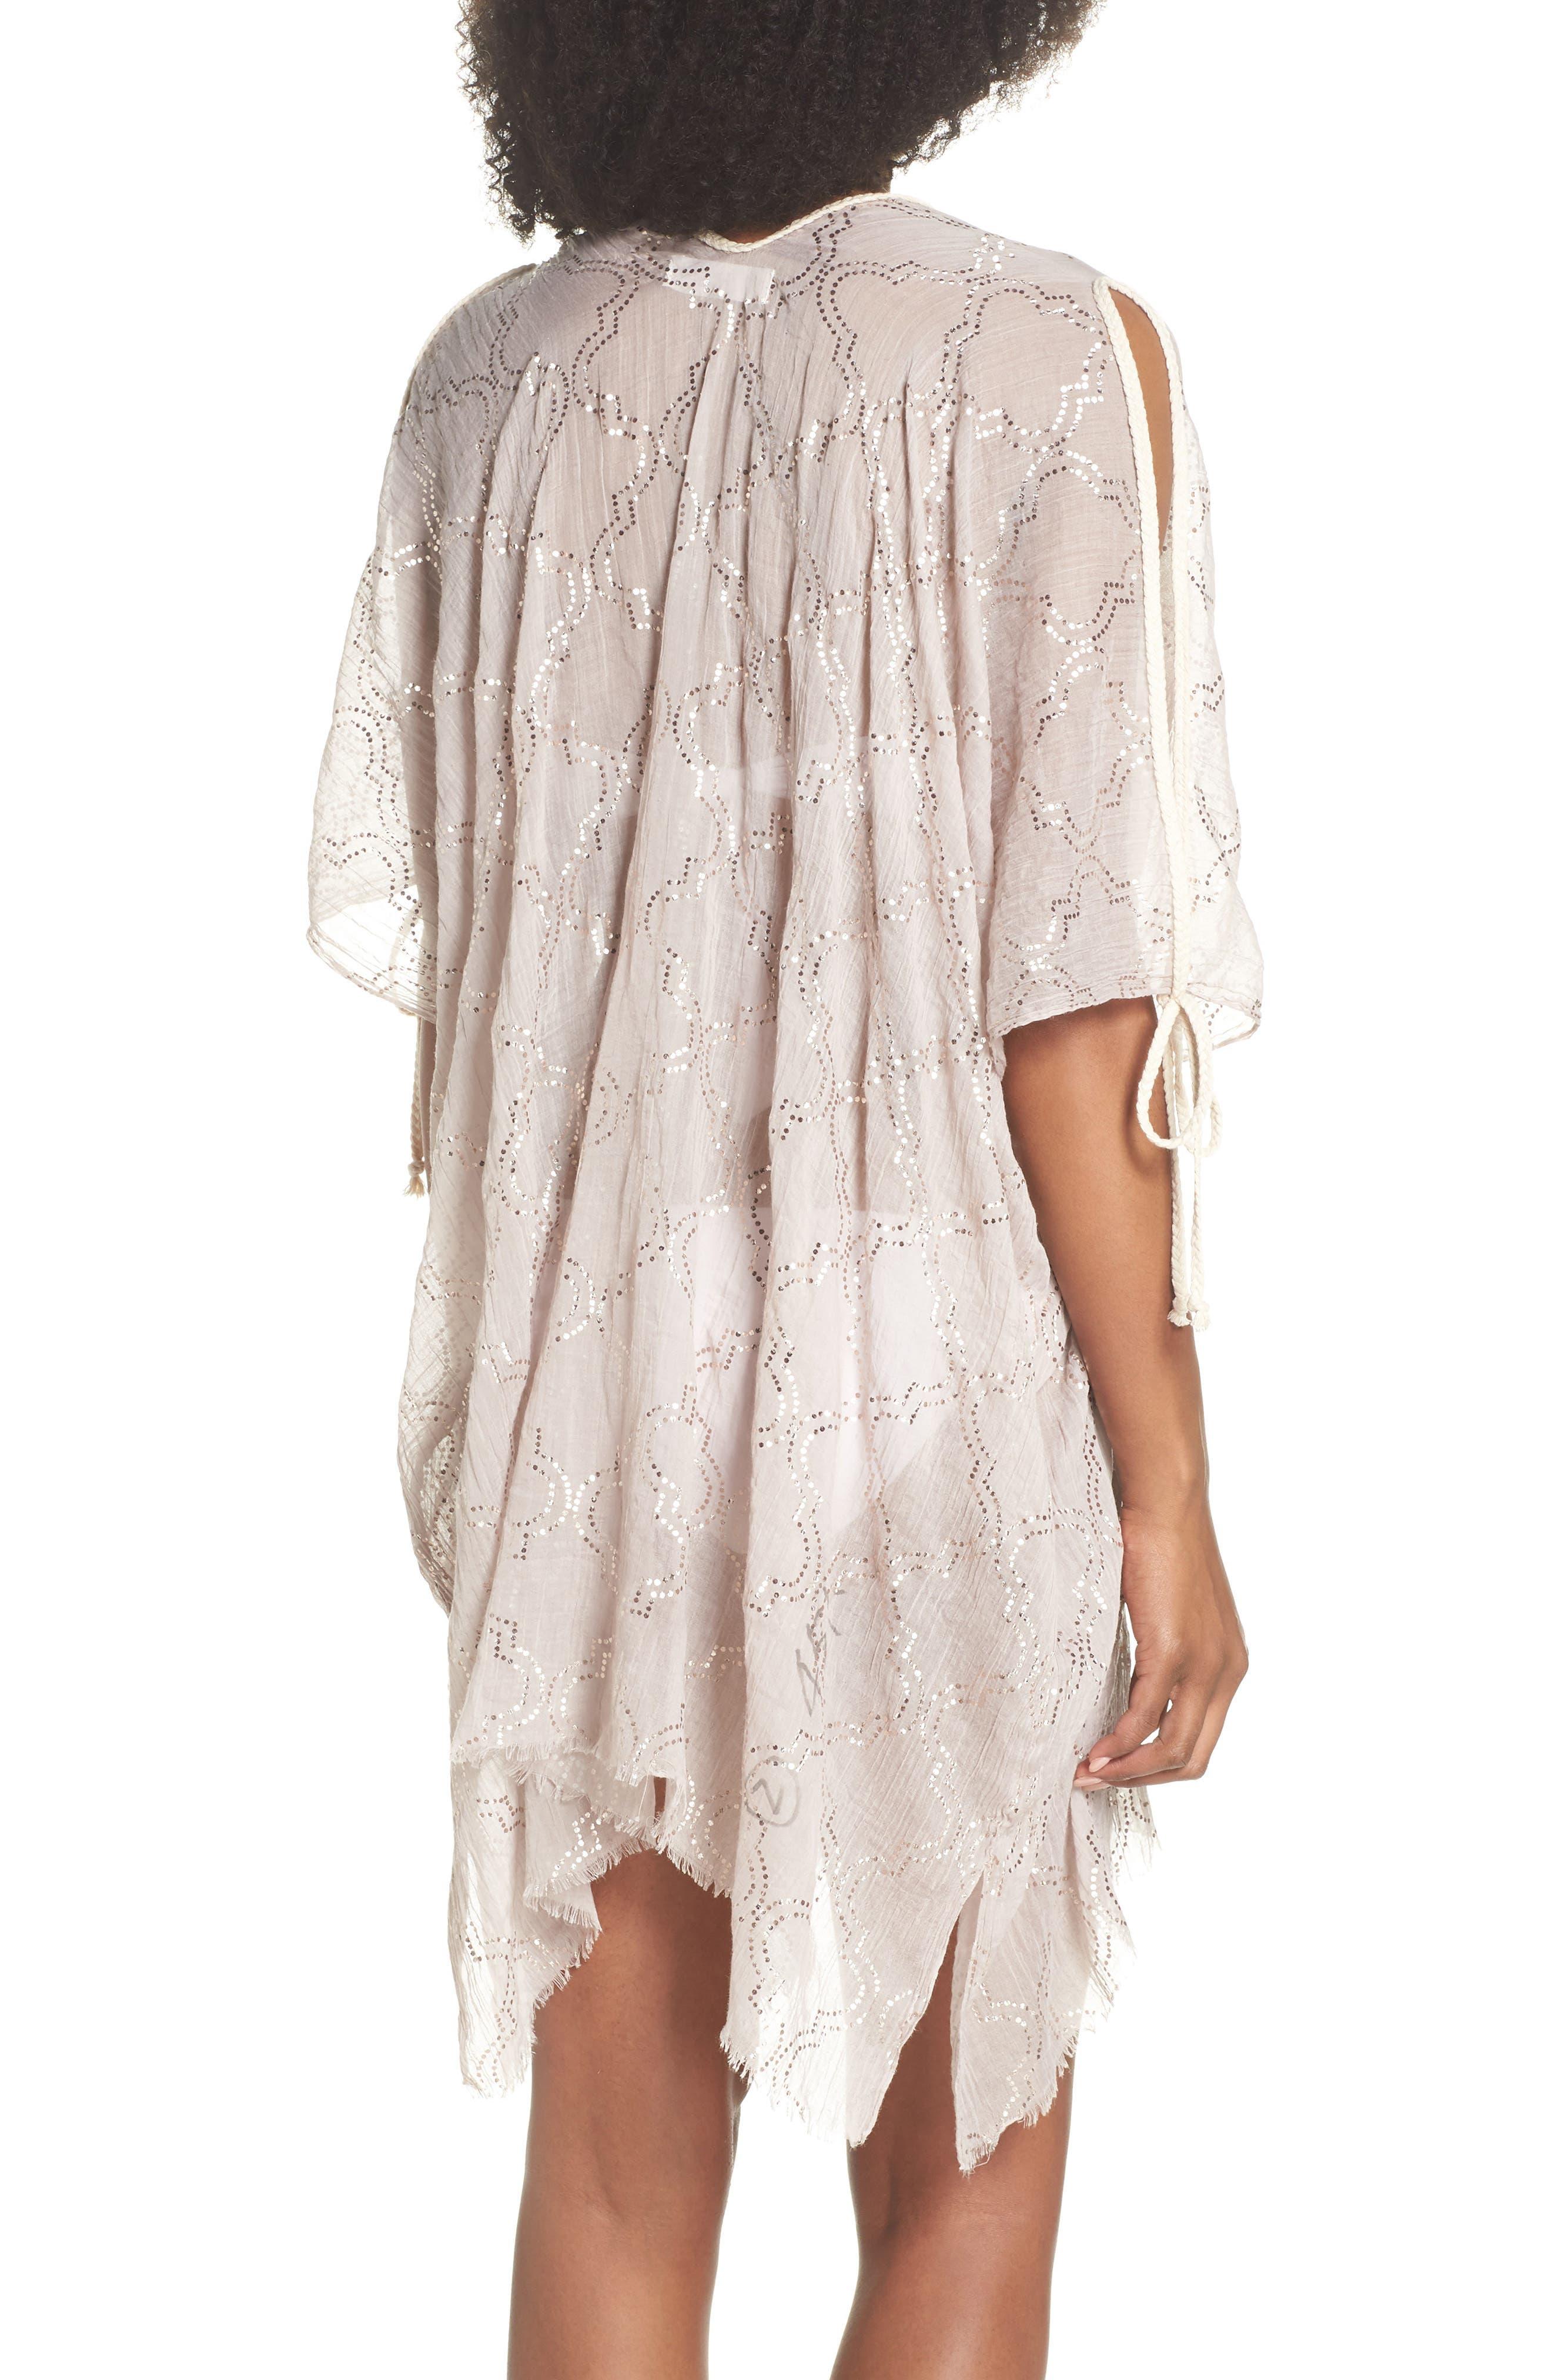 Cold Shoulder Cover-Up Dress,                             Alternate thumbnail 2, color,                             020